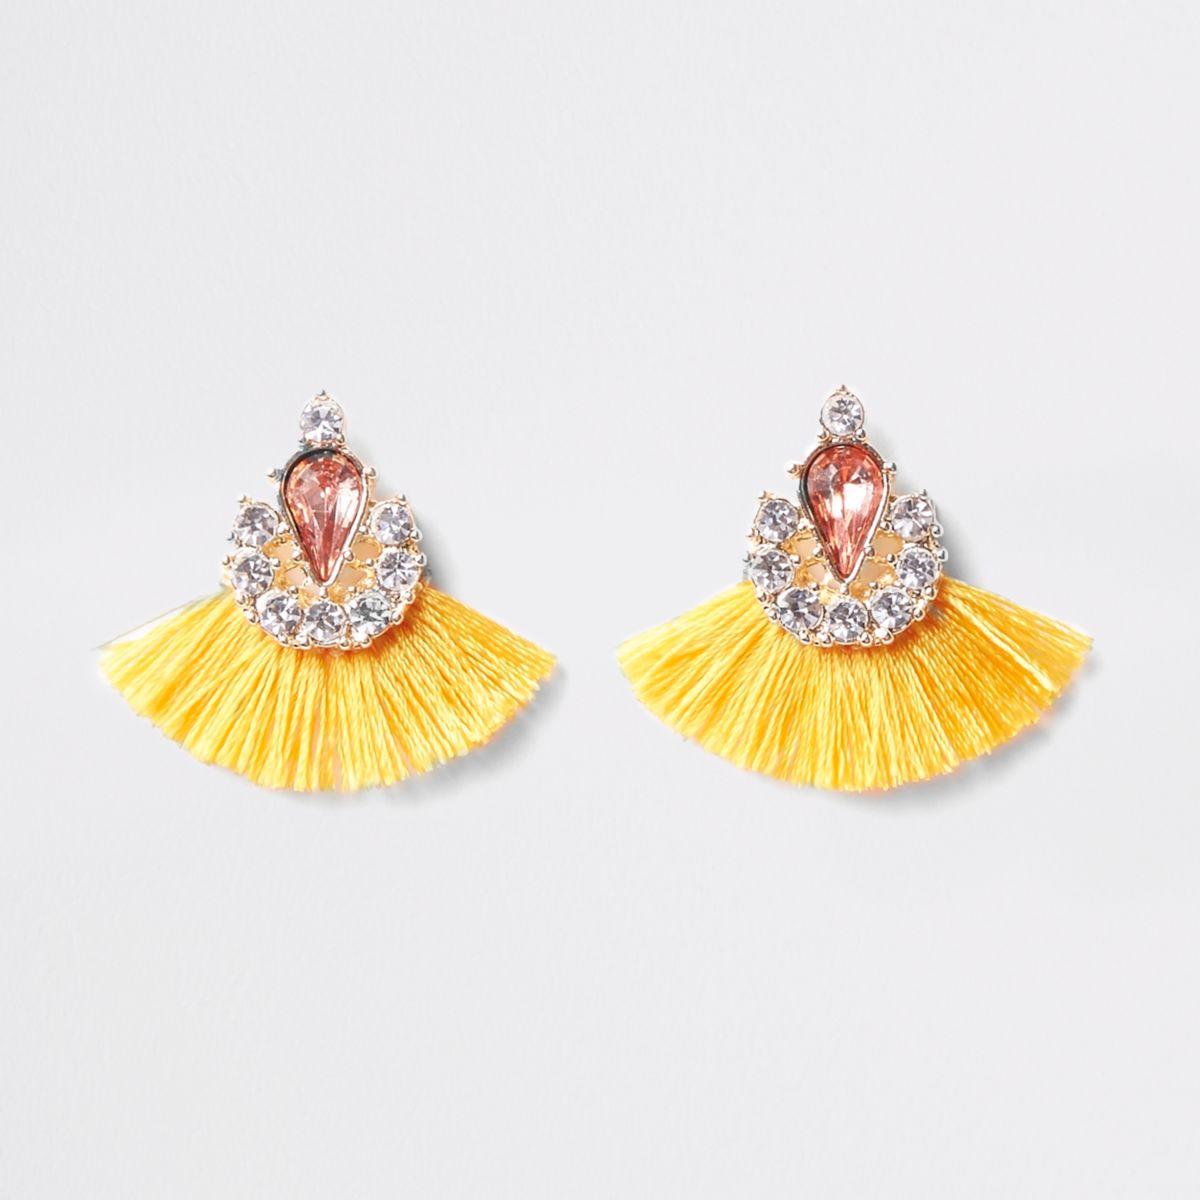 Yellow tassel fan jewel stud earrings